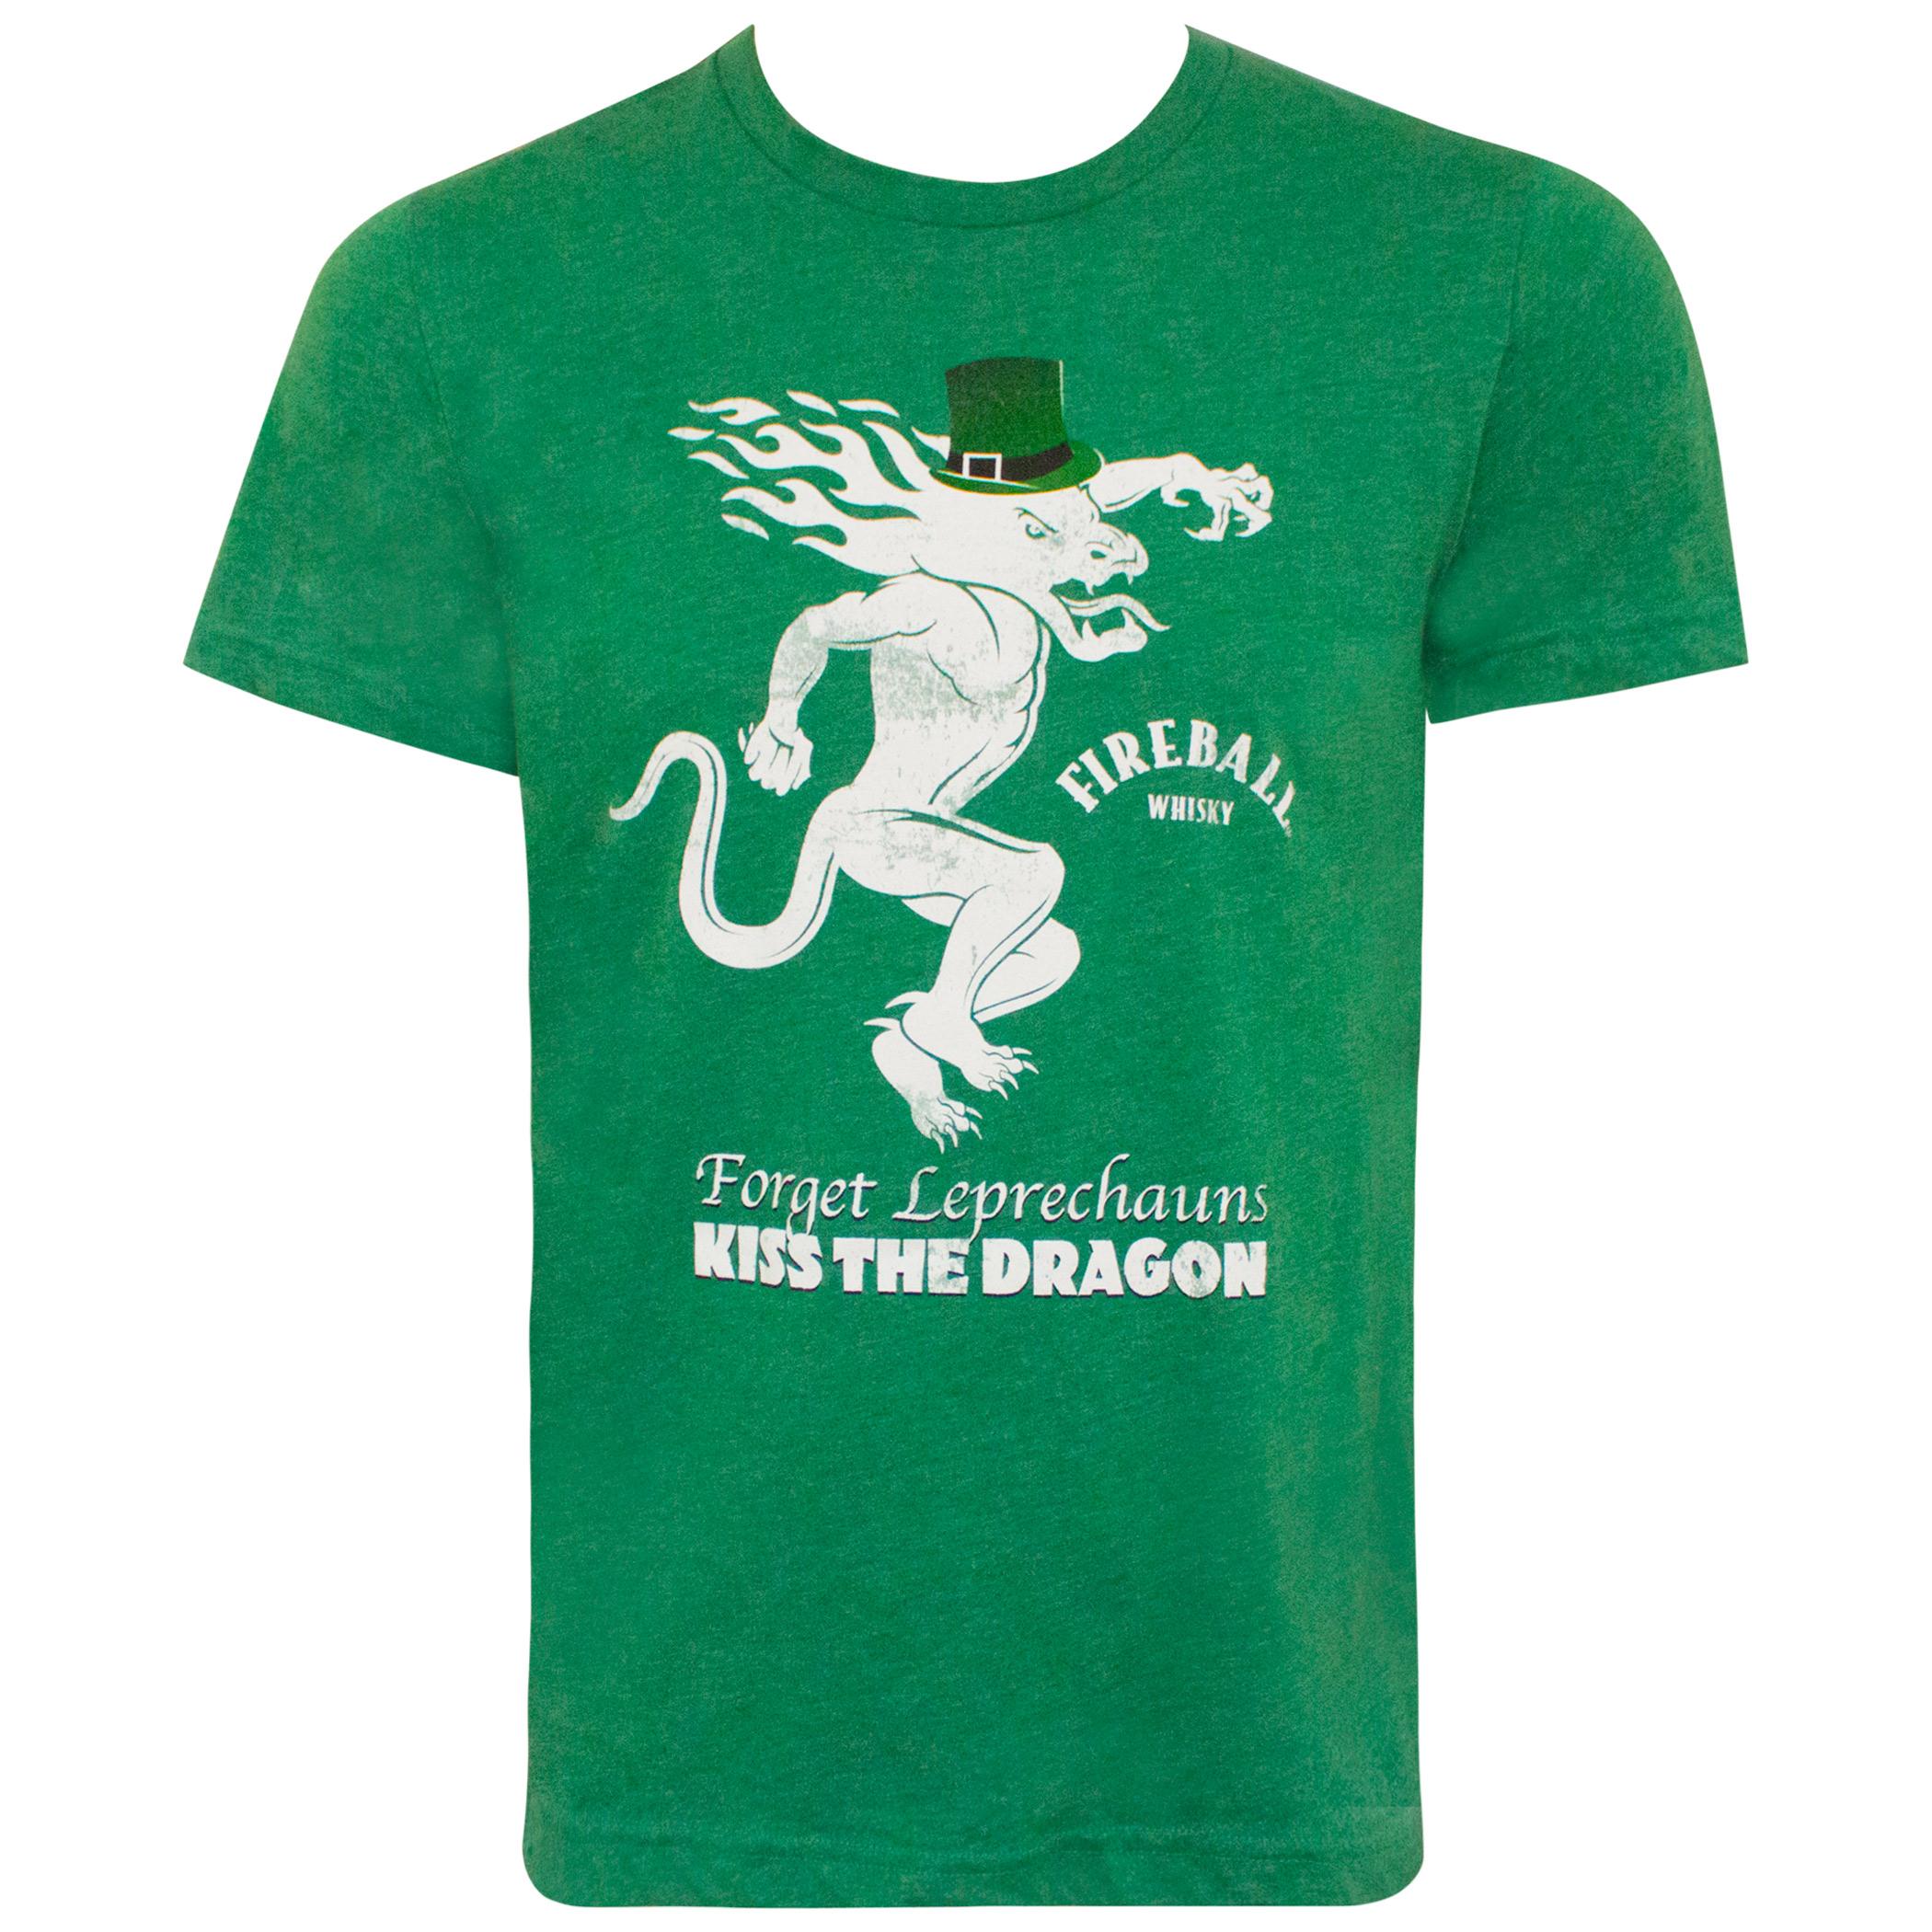 8179fd0f3 Fireball Green Label St. Patrick's Day T-Shirt